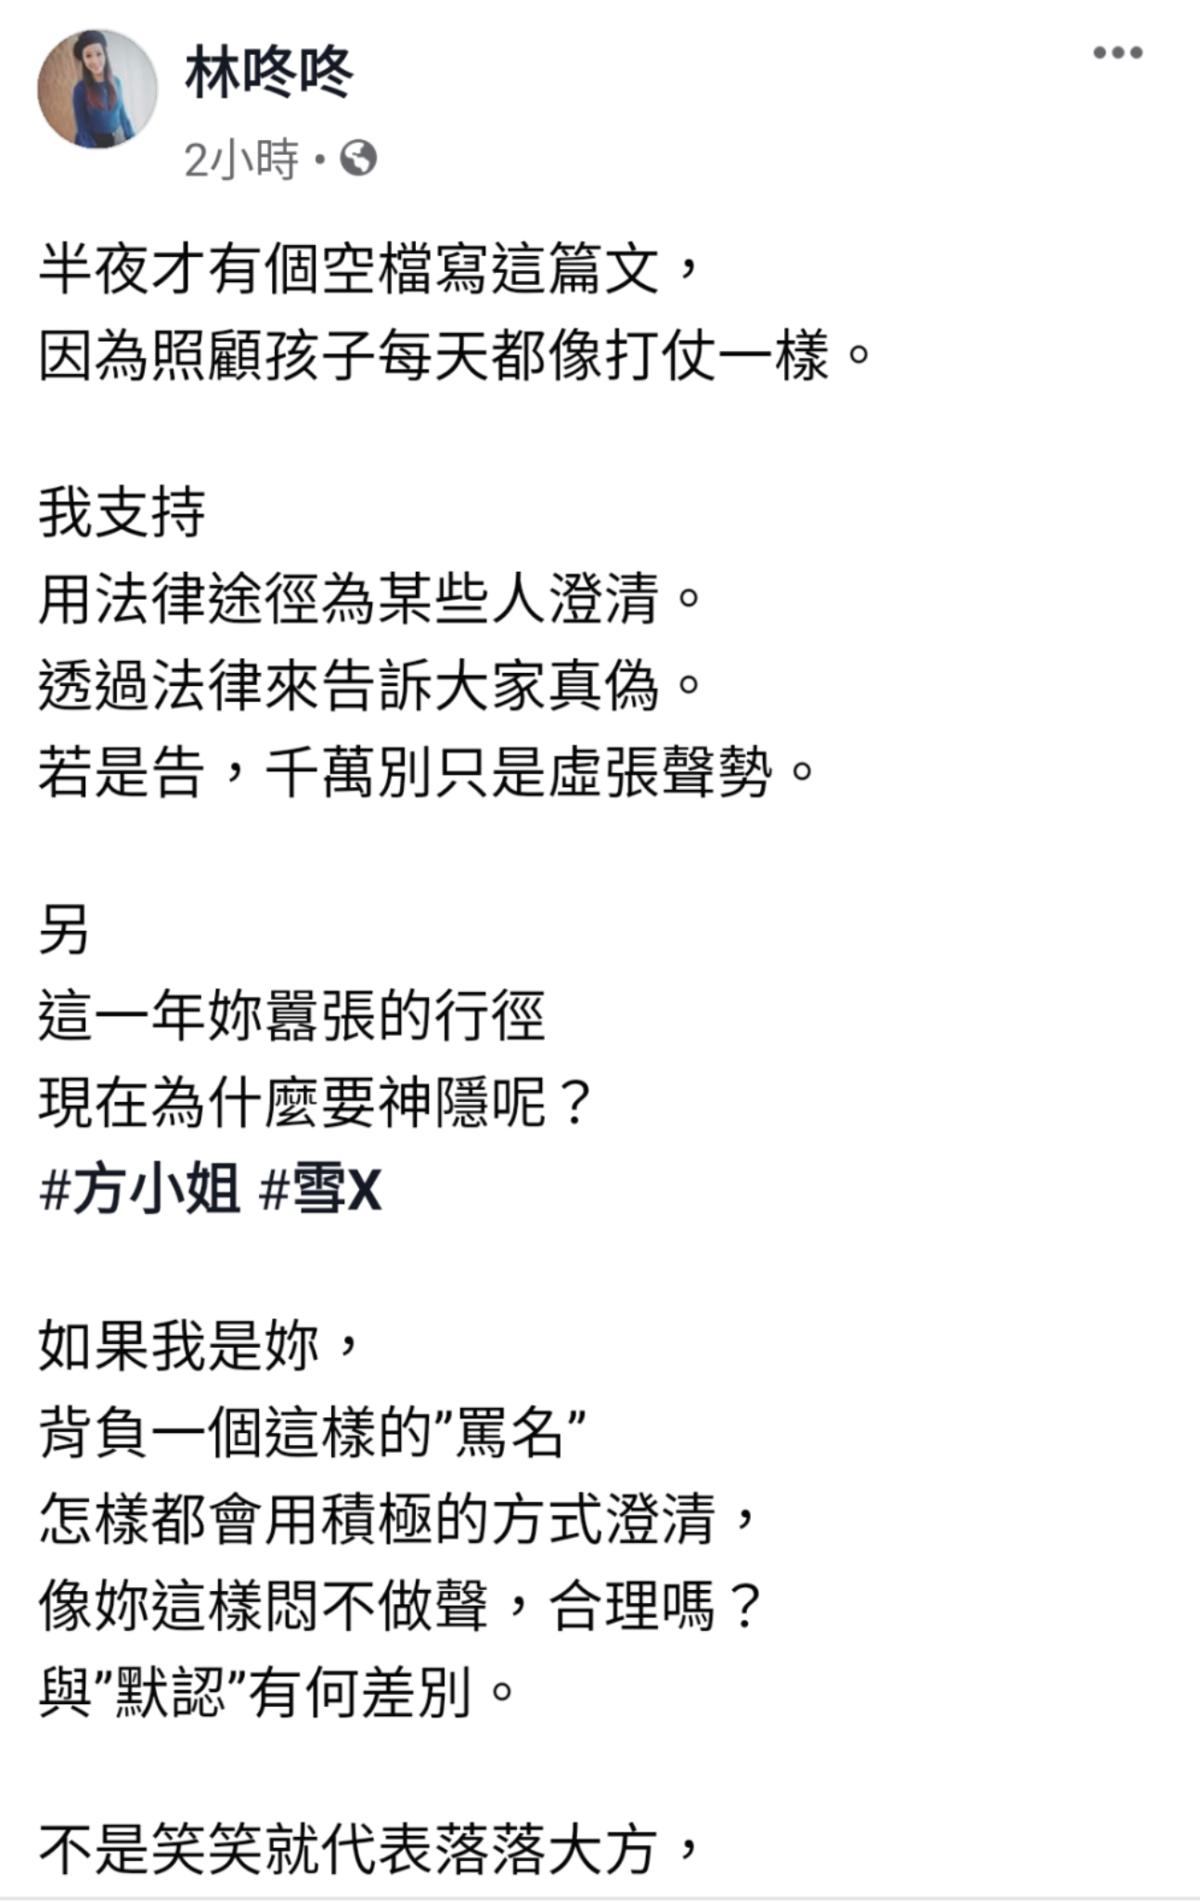 正宮林咚咚發長文怒斥雪碧囂張。(翻攝自林咚咚臉書)